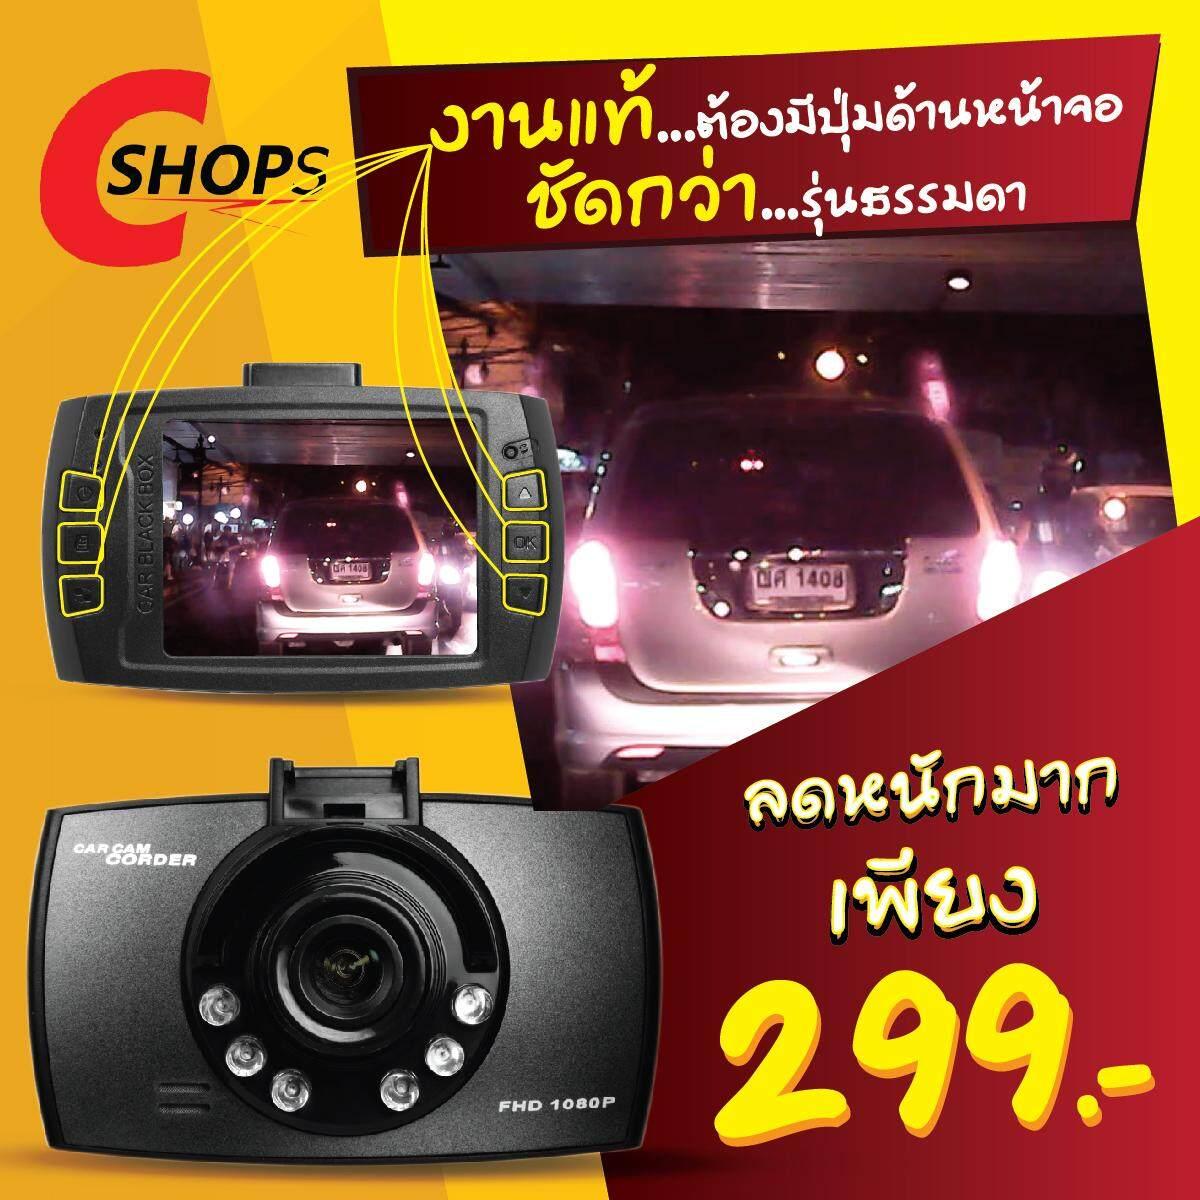 การันตียอดขายดีที่สุด มีรีวิวให้ดู กล้องติดรถยนต์ G30Pro ของแท้ต้องปุ่มอยู่หน้าจอเท่านั้น โปรดระวังของลอกเลียนแบบ เก็บปลายทางได้ ส่งฟรีทั่วประเทศ  - 43435ea97fd1b980b8ca468e2caf530d - กล้องติดรถยนต์หน้า-หลัง Super Full HD PlatinumII Dual ตอนกลางคืน – กล้องหลัง